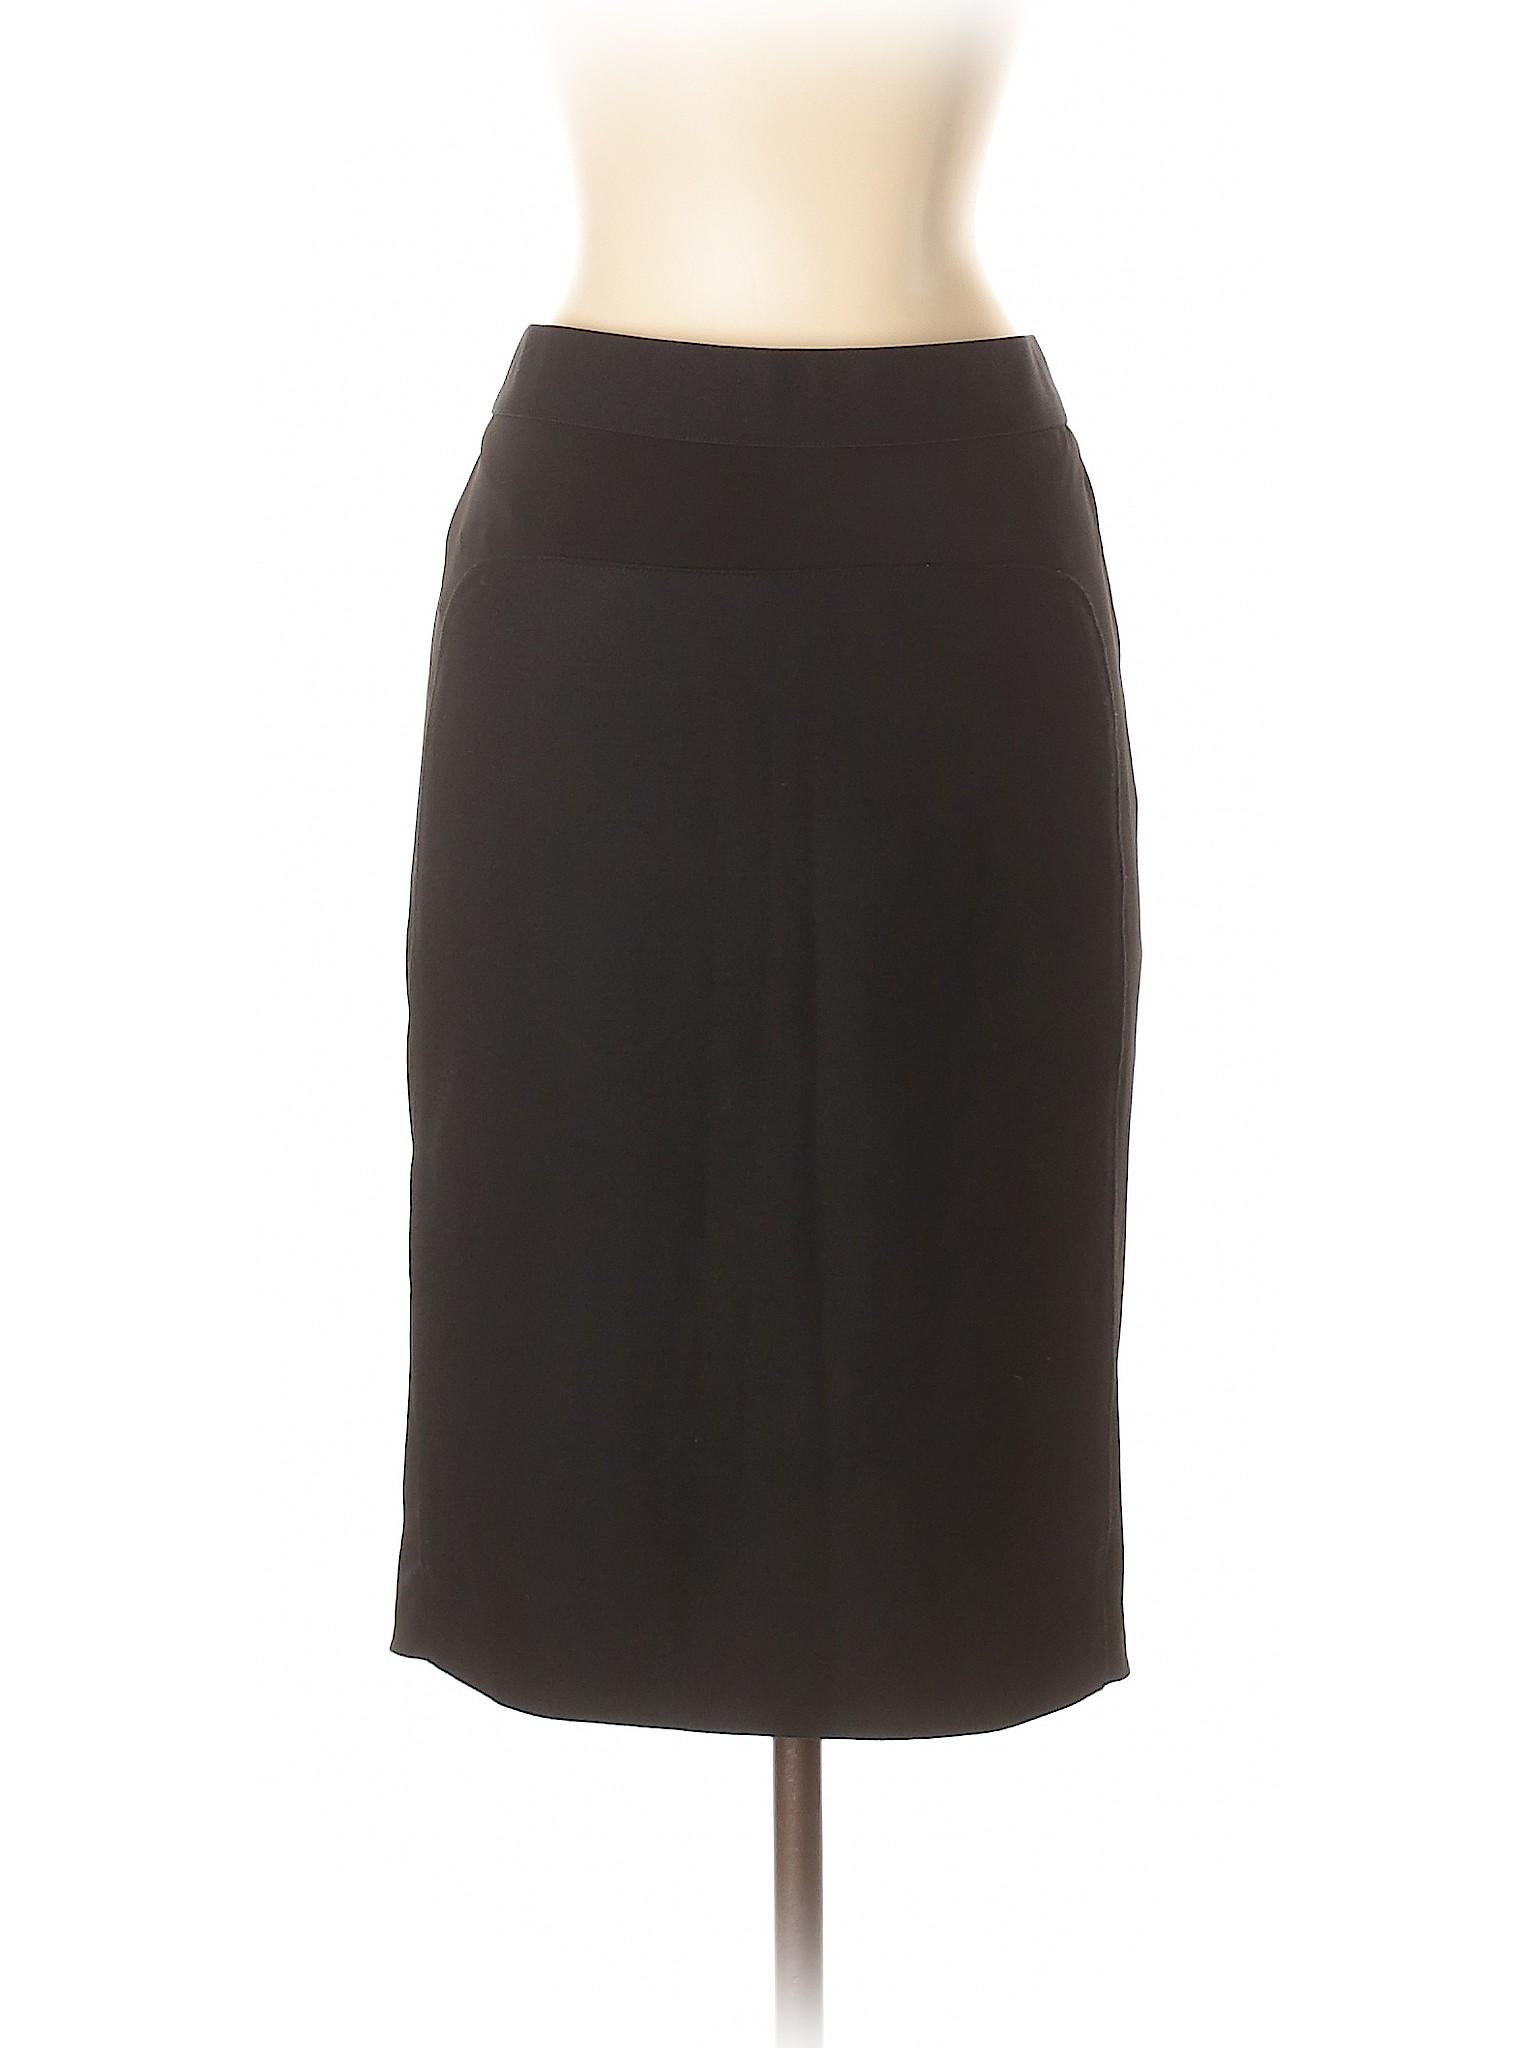 Skirt Skirt Wool Skirt Boutique Boutique Wool Wool Wool Boutique Boutique fqP4twz